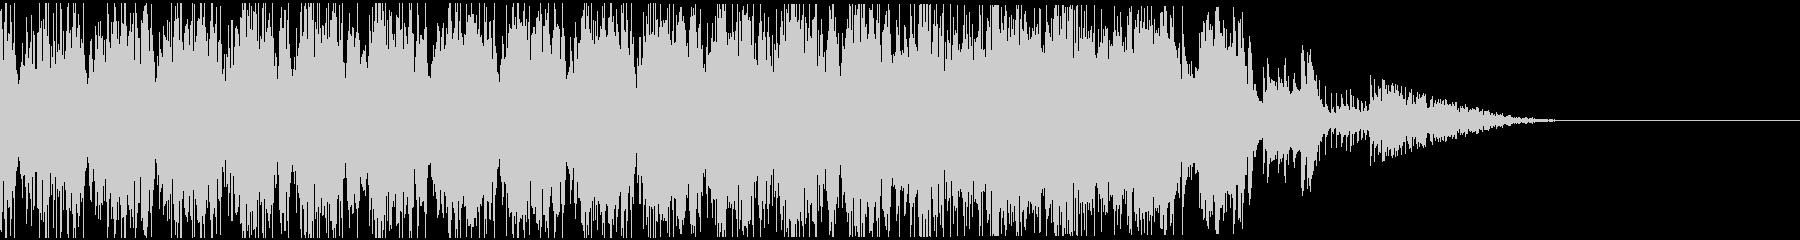 サウンドロゴやジングル等に使用できる音源の未再生の波形